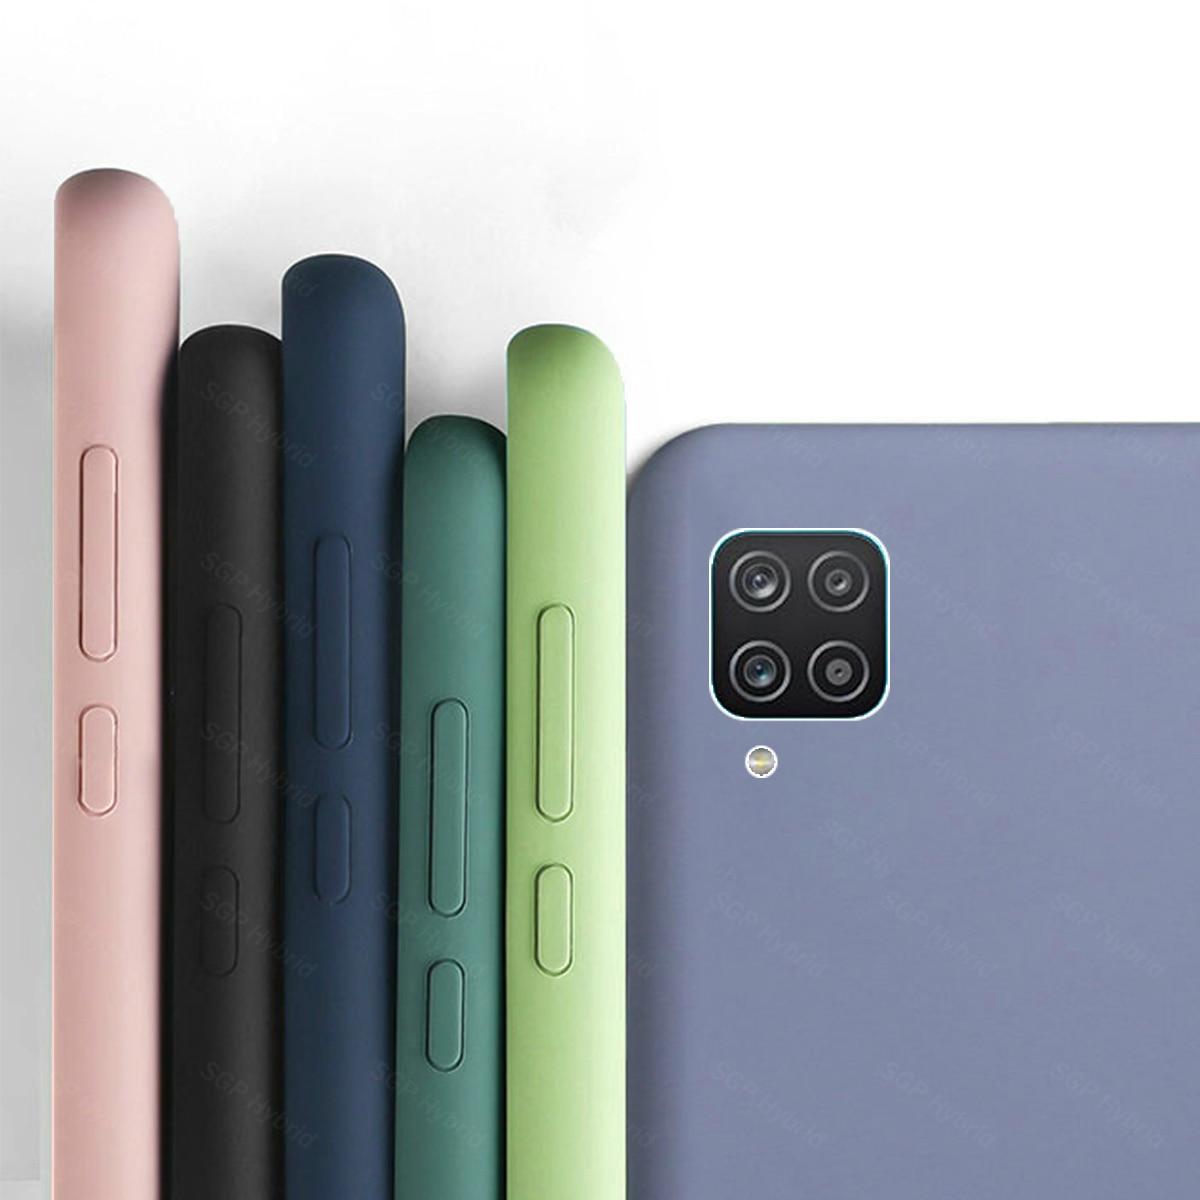 Чехол для Samsung A12, жидкий резиновый силиконовый армированный чехол для Samsung Galaxy A 12 A12 SamsungA12, чехол для телефона, оболочка Бамперы      АлиЭкспресс